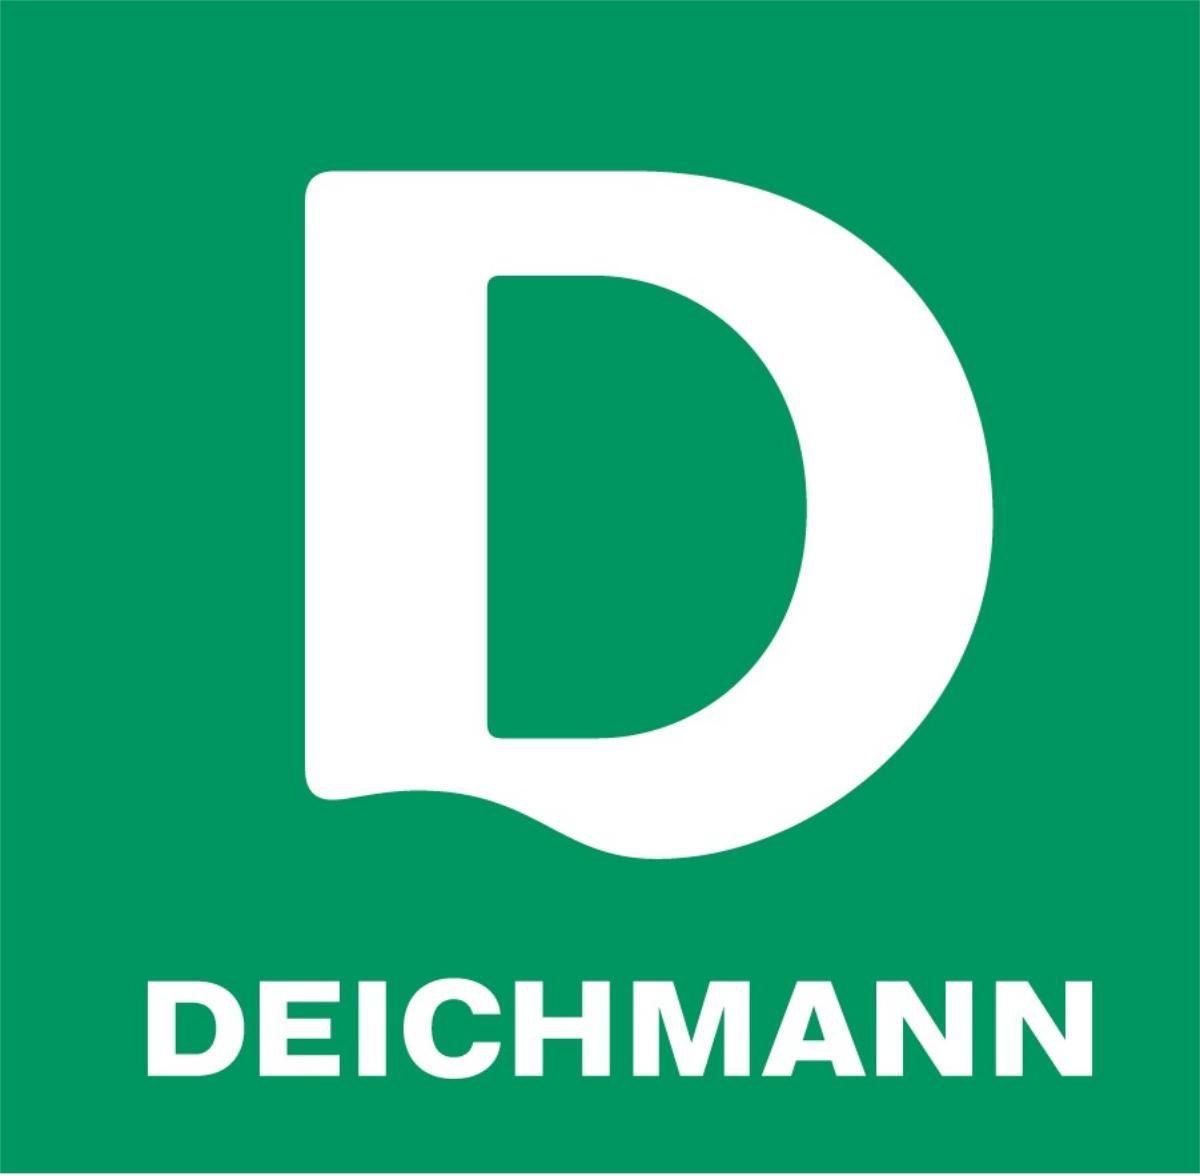 Deichmann Schuhe am Berlin Ostbahnhof schließt, bis zu 80% Rabatt auf Schuhe